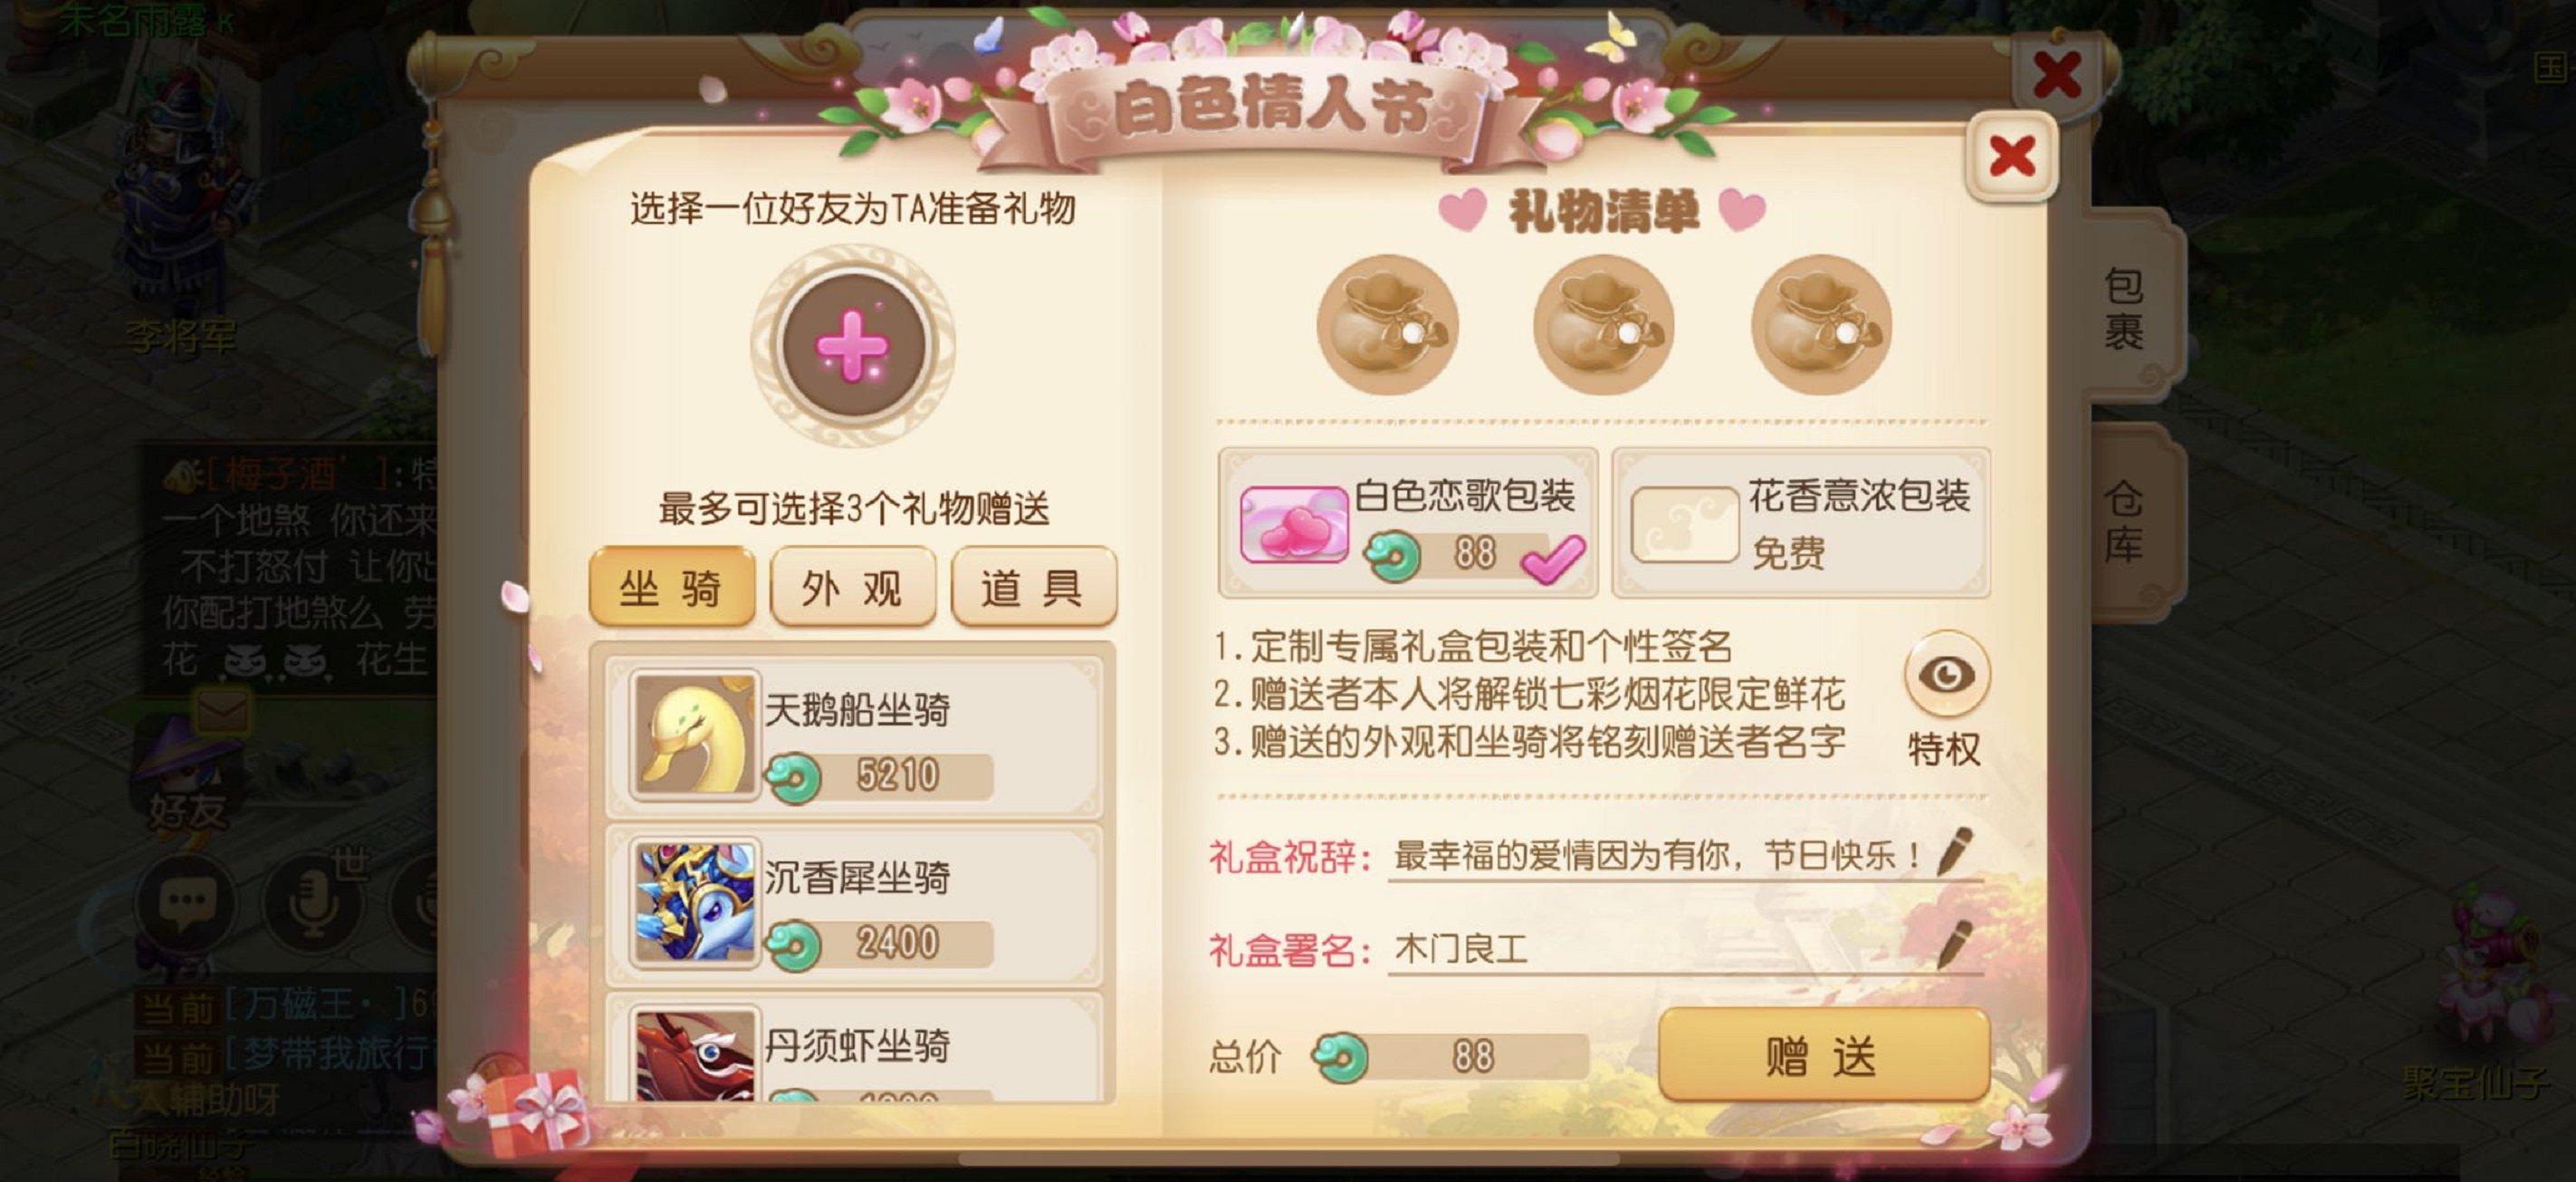 相濡三界,《梦幻西游》手游白色情人节浪漫开启!